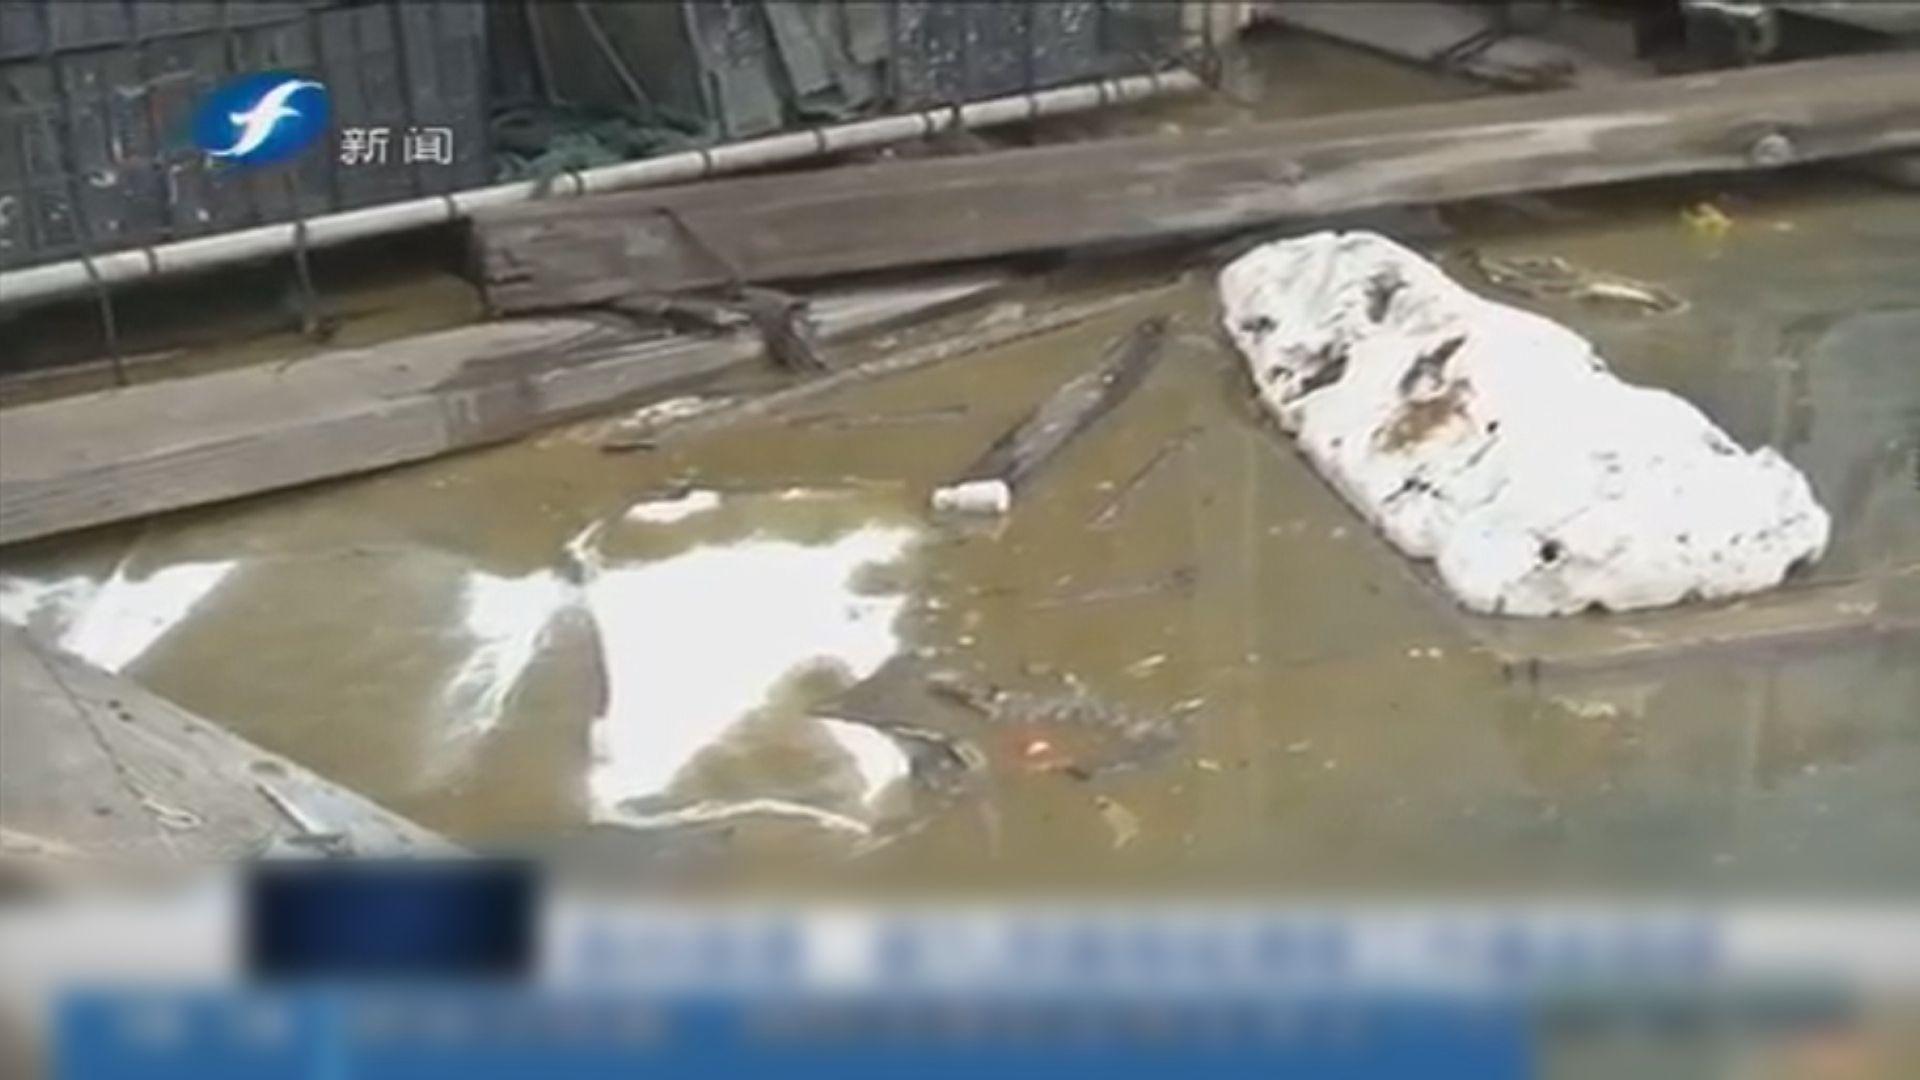 福建泉州洩漏近7噸有毒物質碳九